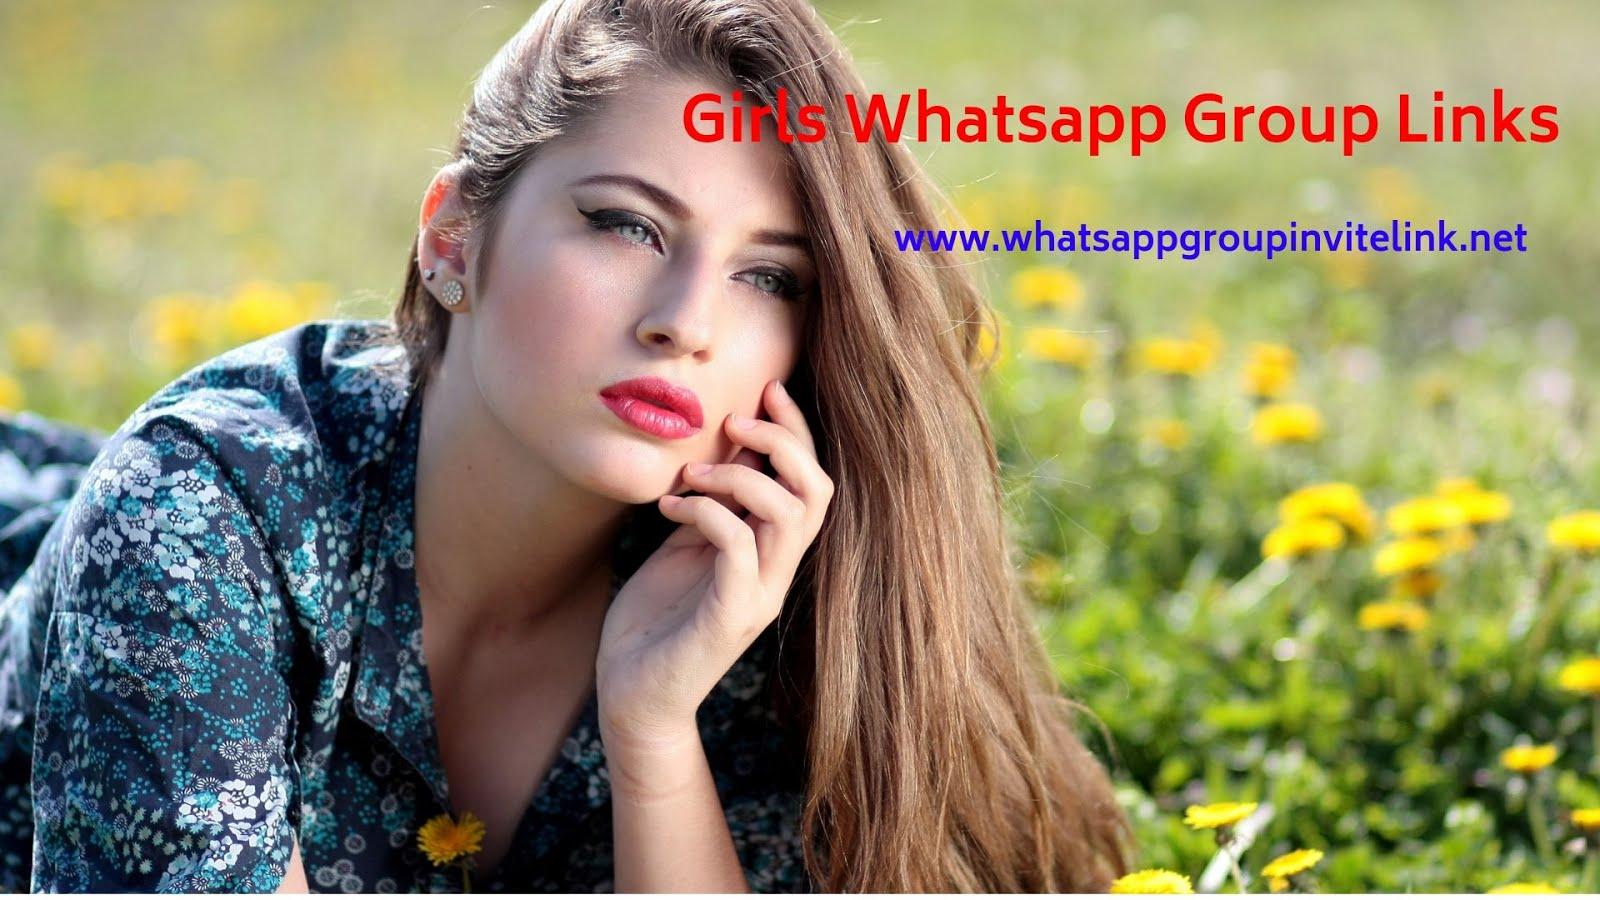 Whatsapp Group Invite Links: Girls Whatsapp Group Links